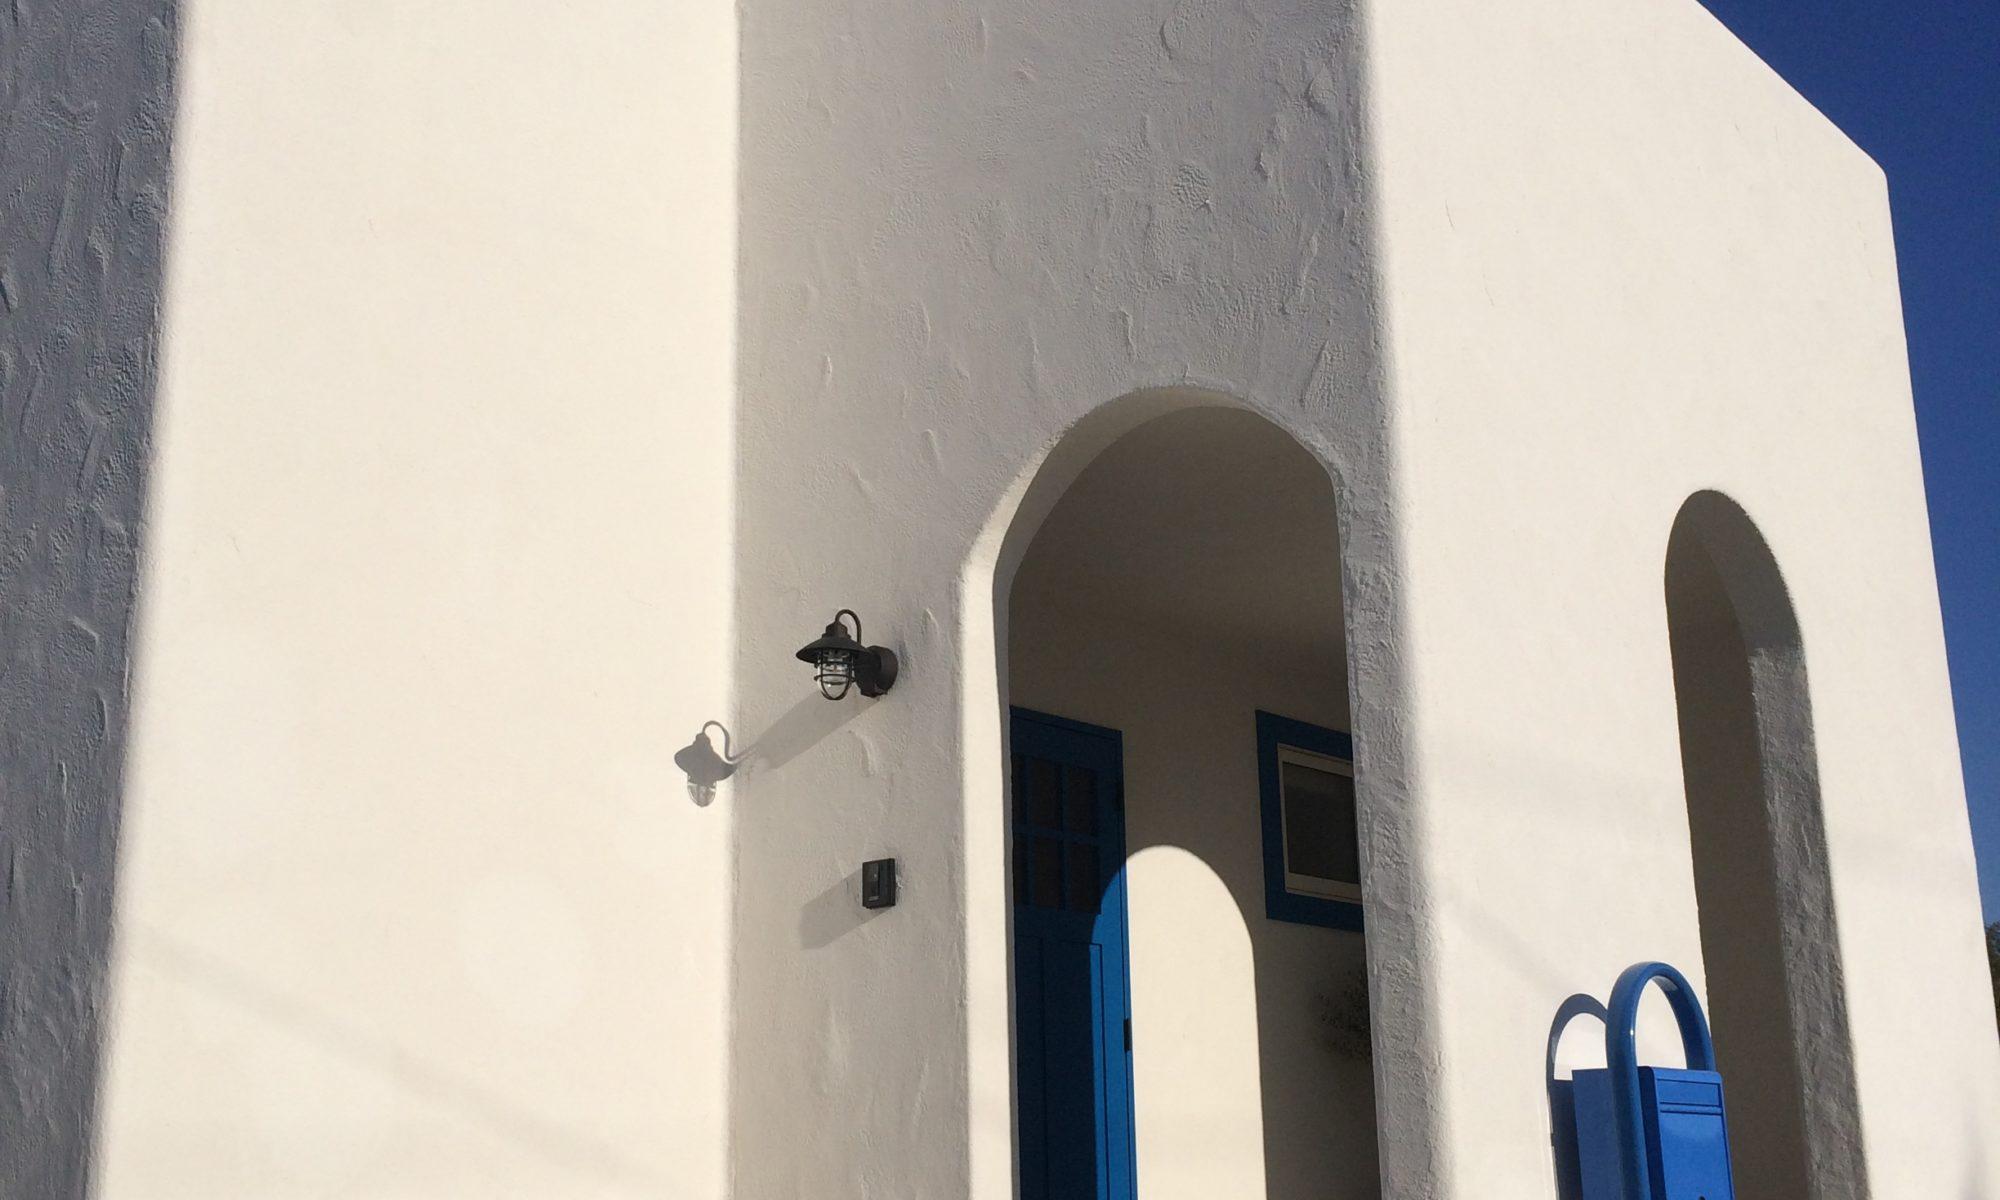 ヴィラ風注文住宅の外観写真1